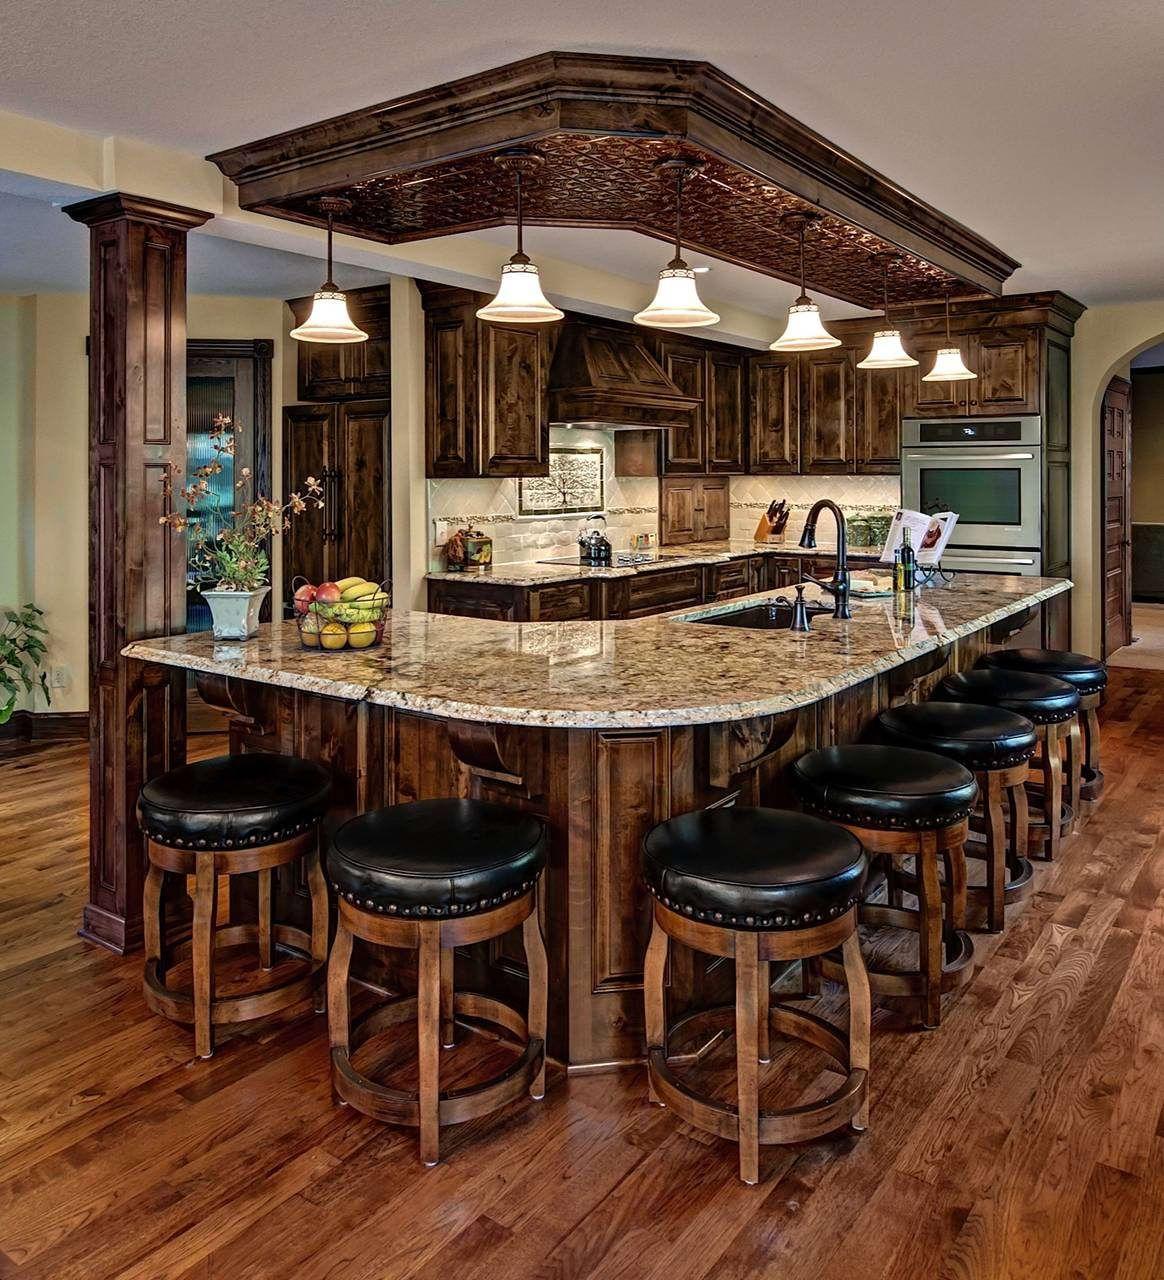 кухня с баром картинки термальных